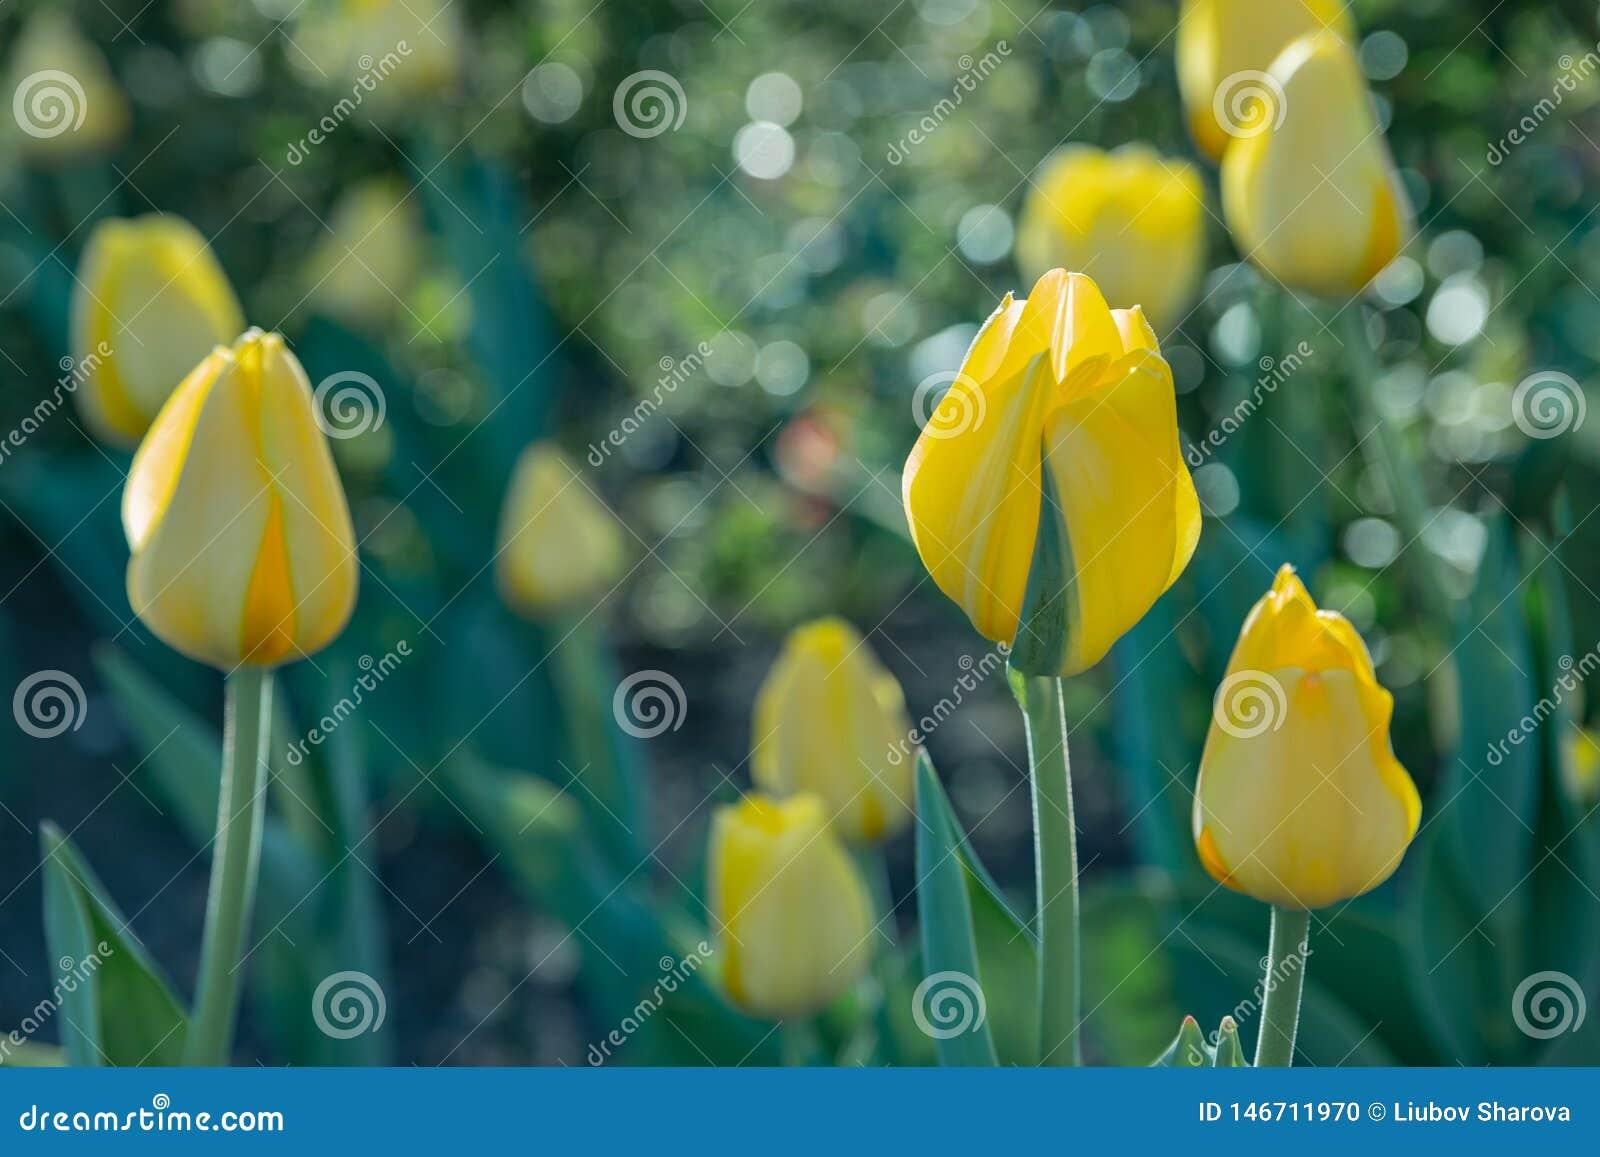 在绿色被弄脏的背景的黄色郁金香